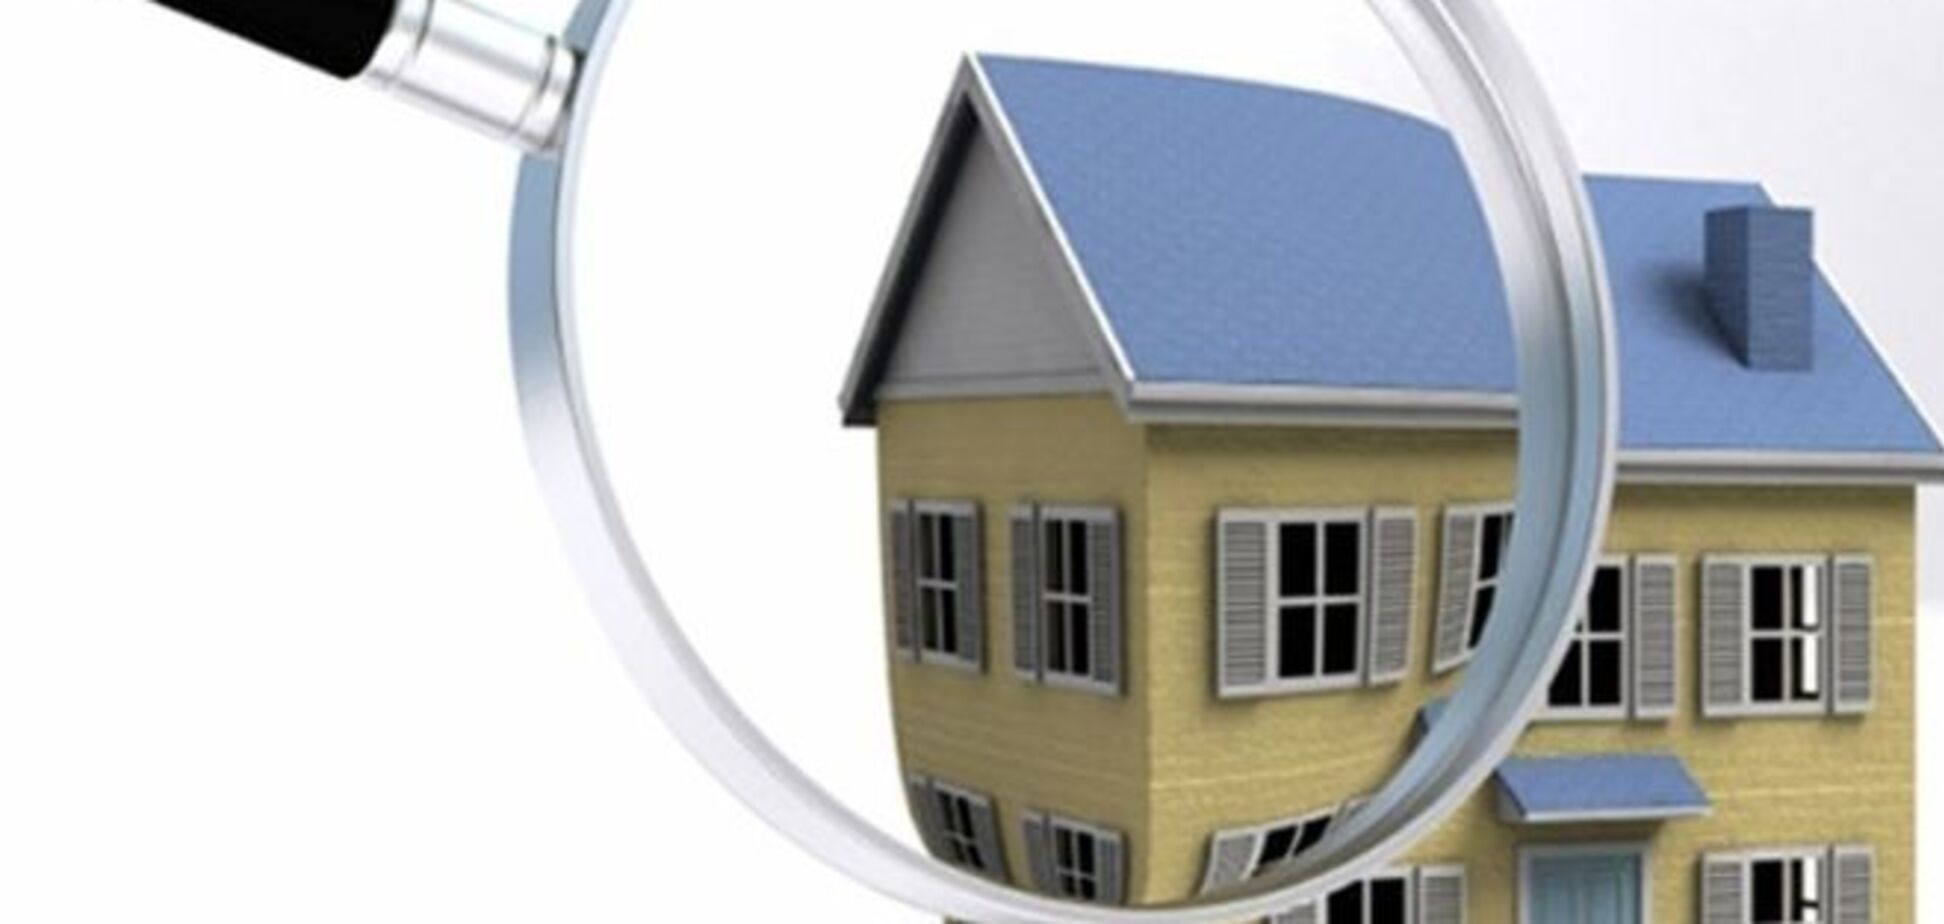 С завтрашнего дня оценивать недвижимость могут только сертифицированные специалисты